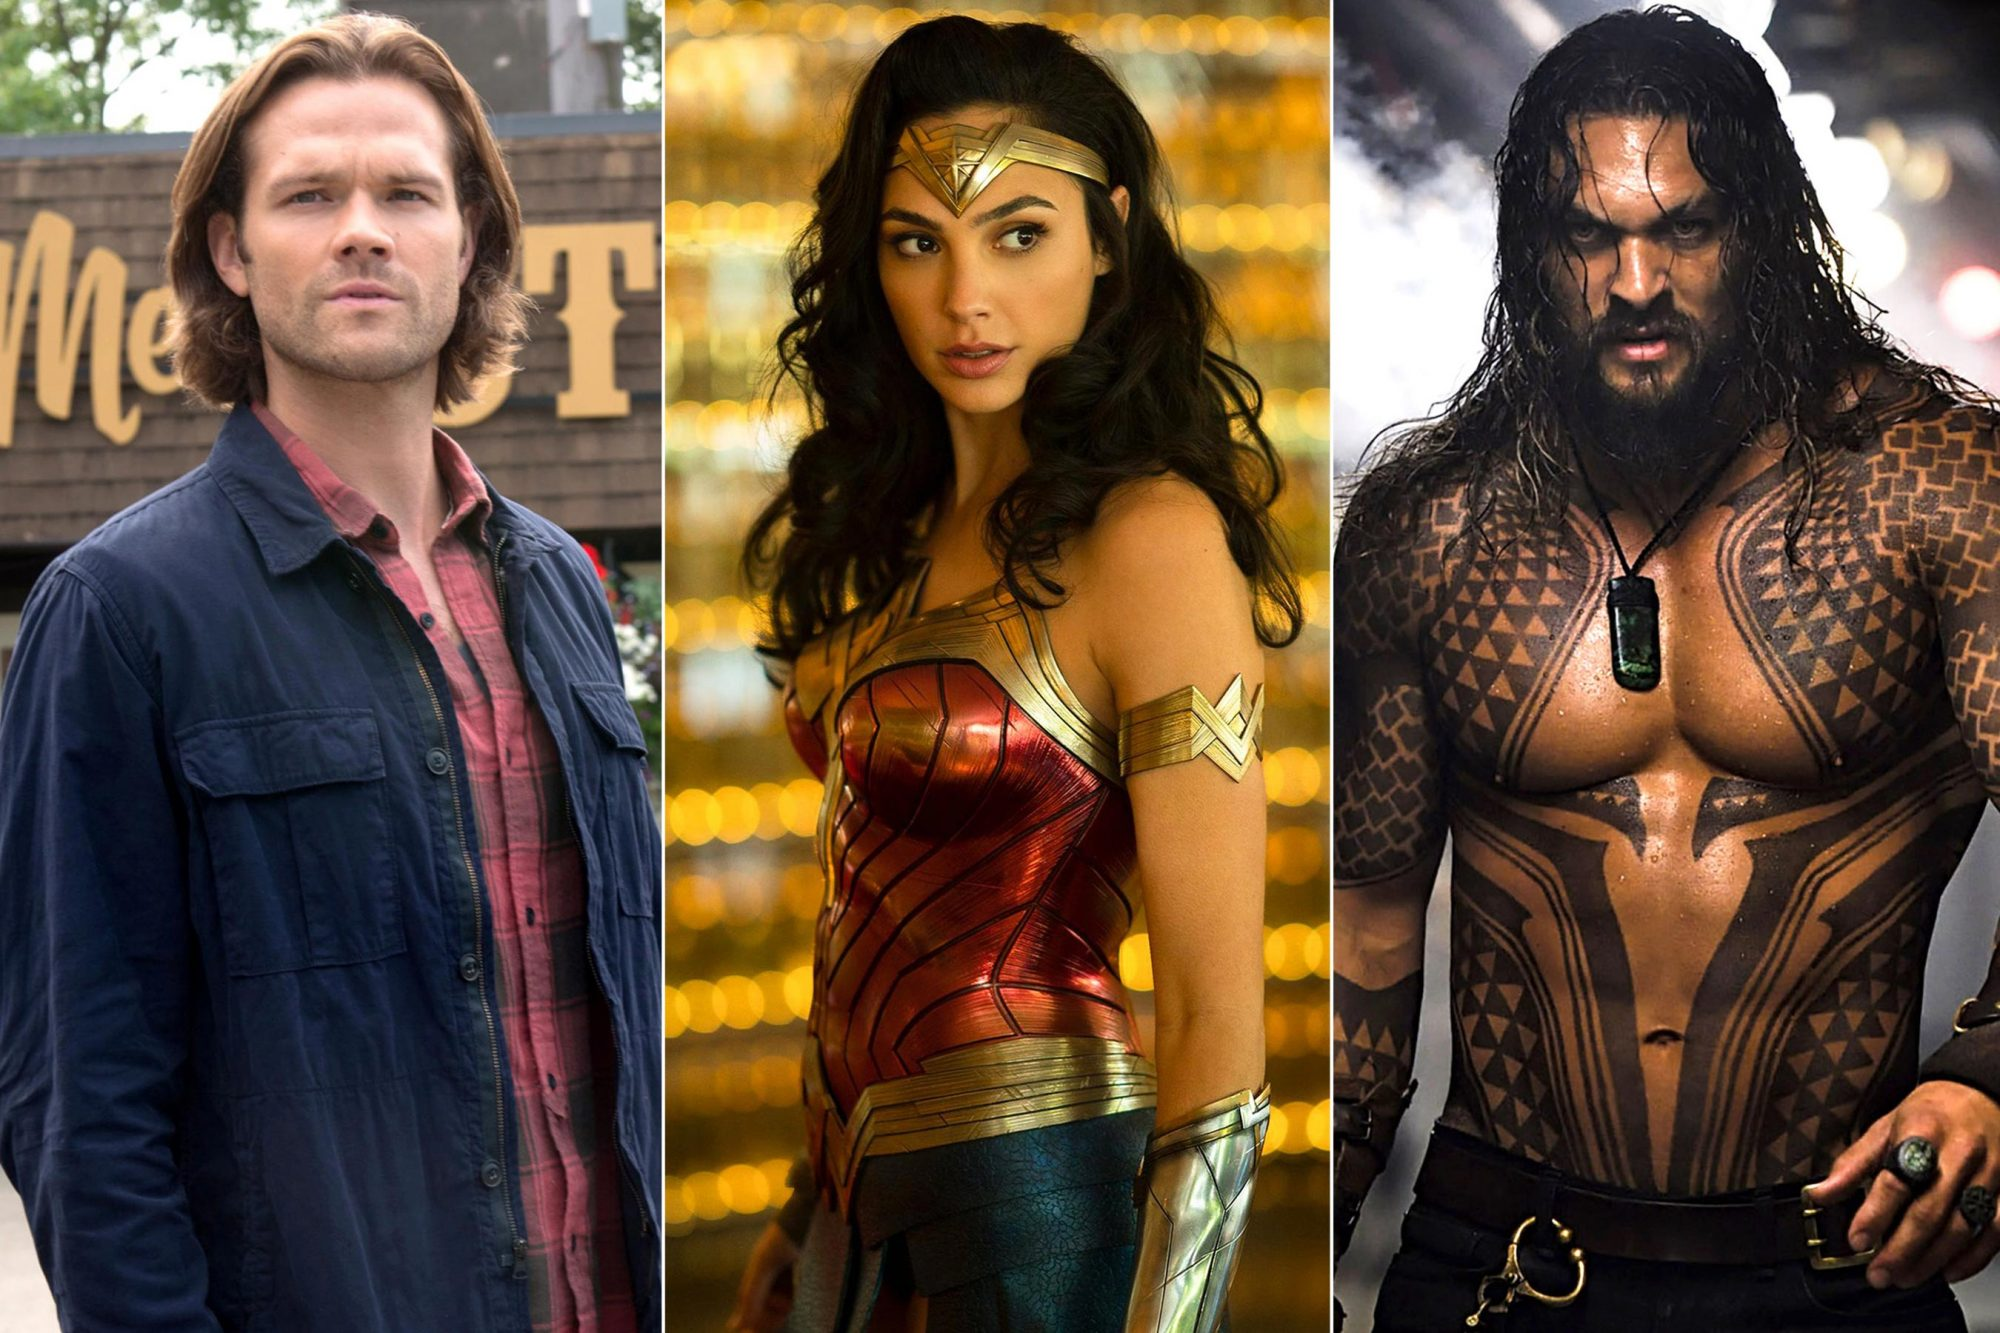 Jared-Padalecki-in-Supernatural,-Gal-Gadot-in-Wonder-Woman-1984,-and-Jason-Momoa-in-Aquaman